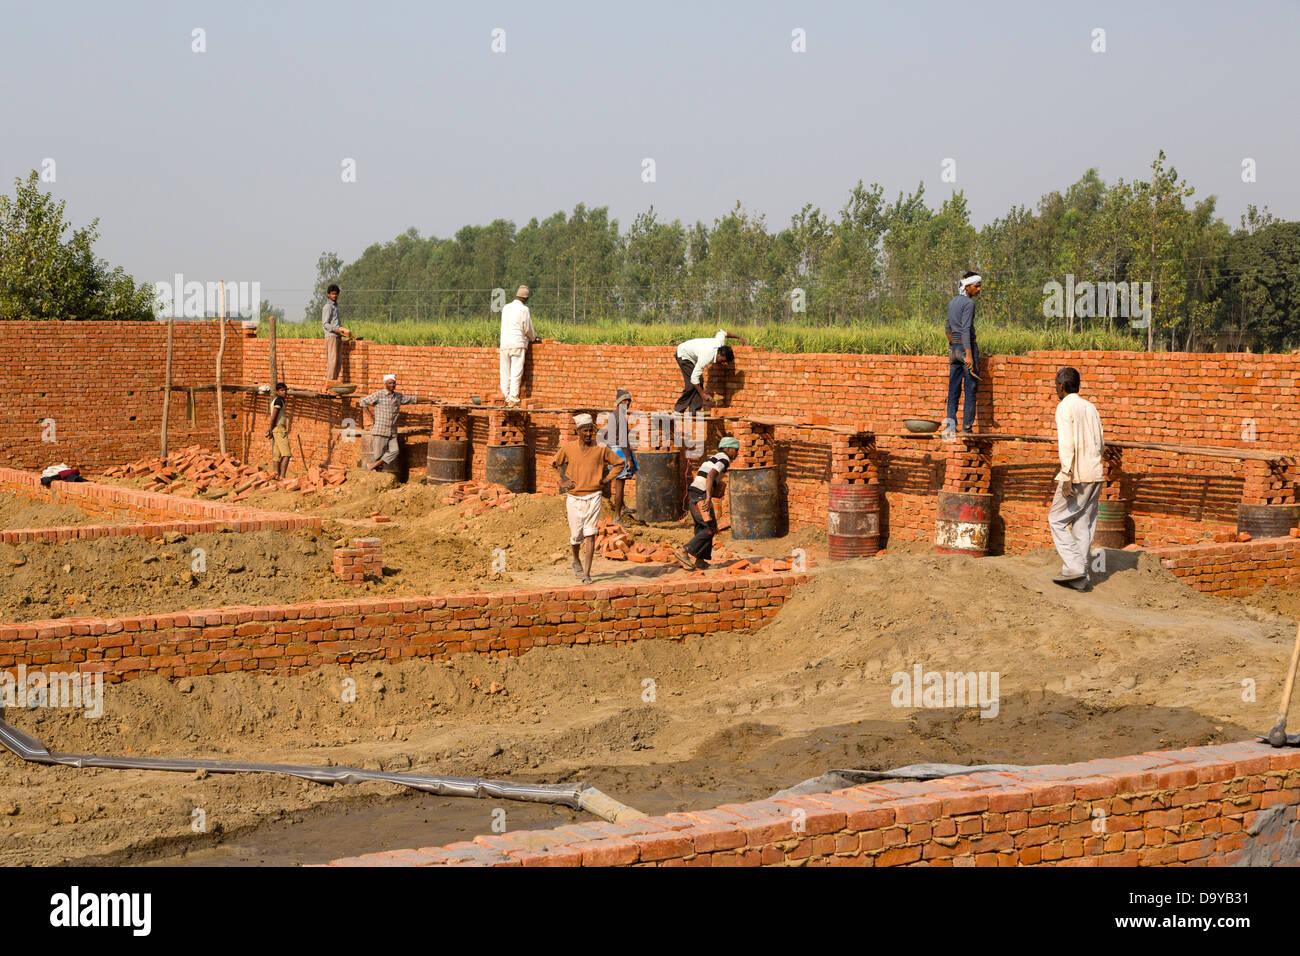 India Uttar Pradesh Aligarh Men Building Brick Wall